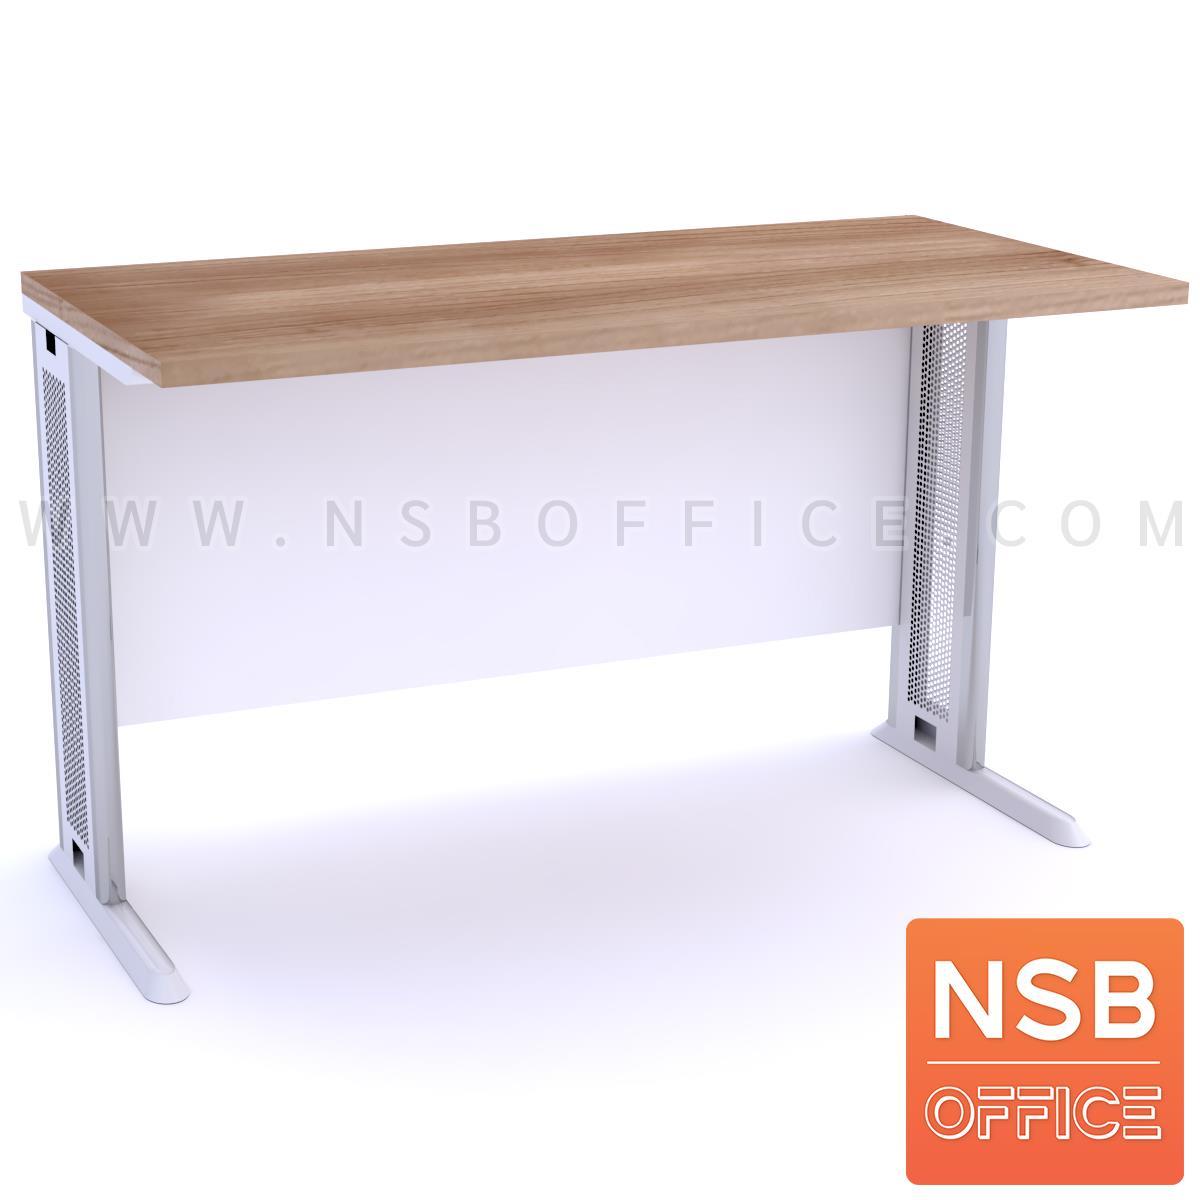 โต๊ะทำงาน บังโป๊ไม้  ขนาด 80W-180W (60D, 75D, 80D) cm. ขาเหล็กตัวแอล